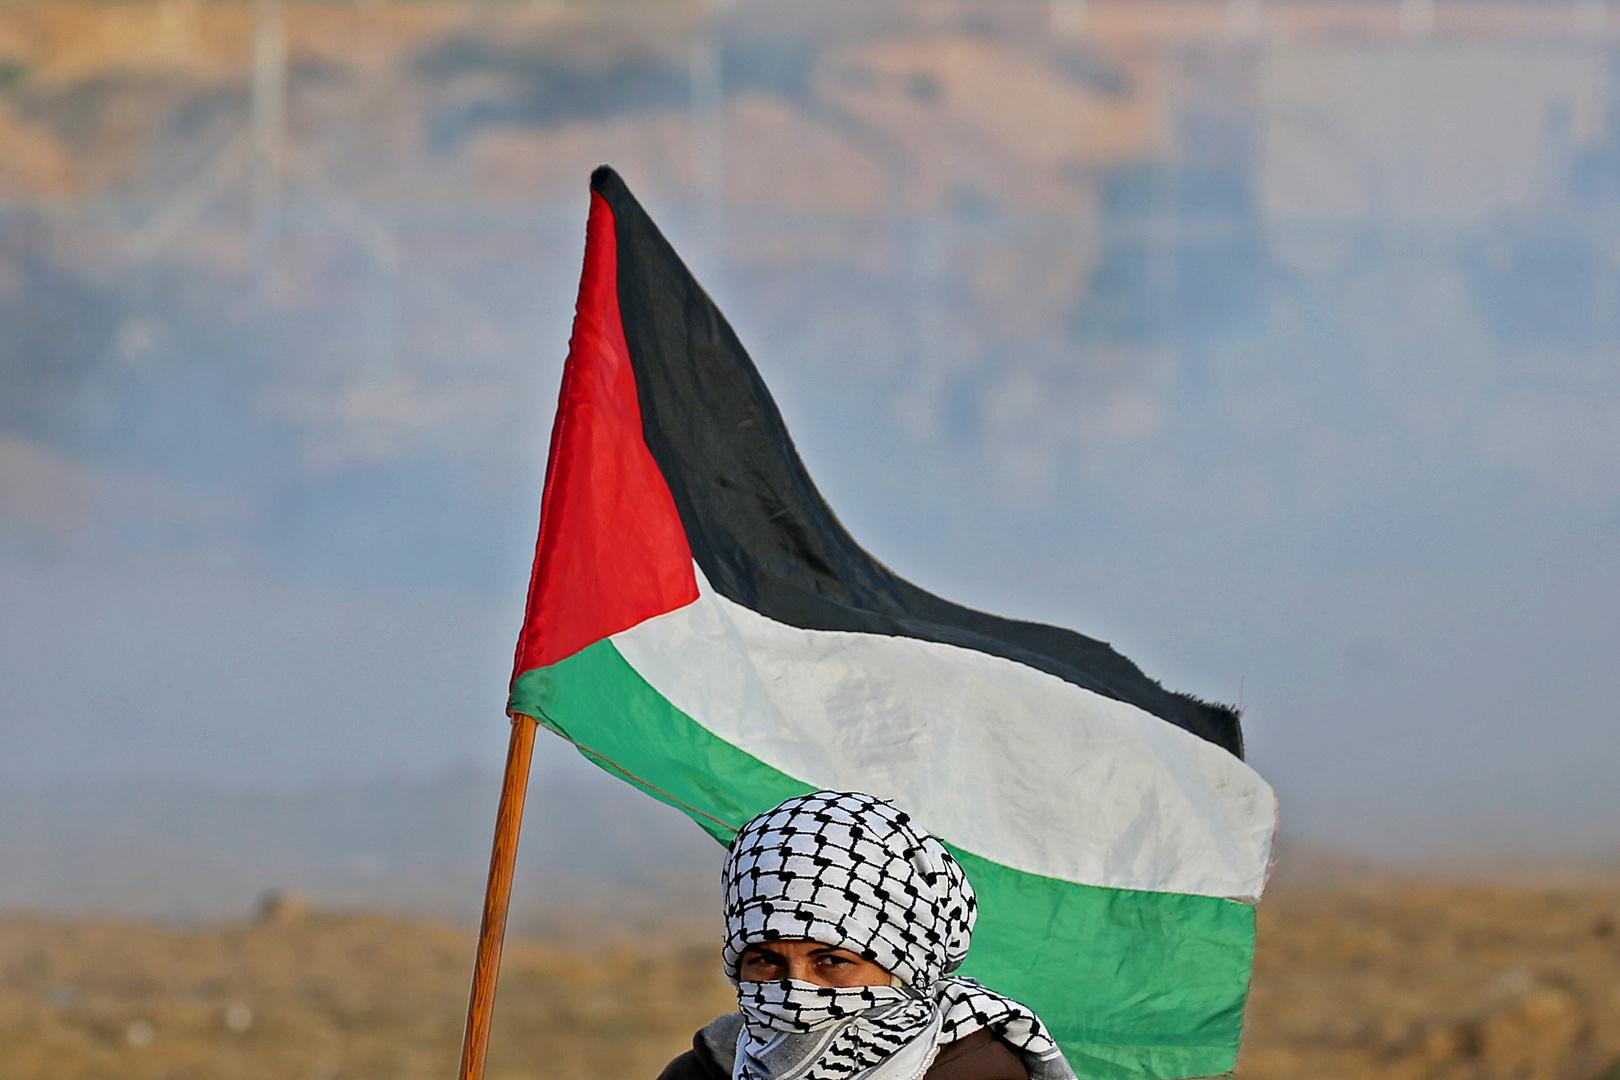 مقتل شاب فلسطيني برصاص الجيش الإسرائيلي جنوب قطاع غزة (فيديو)